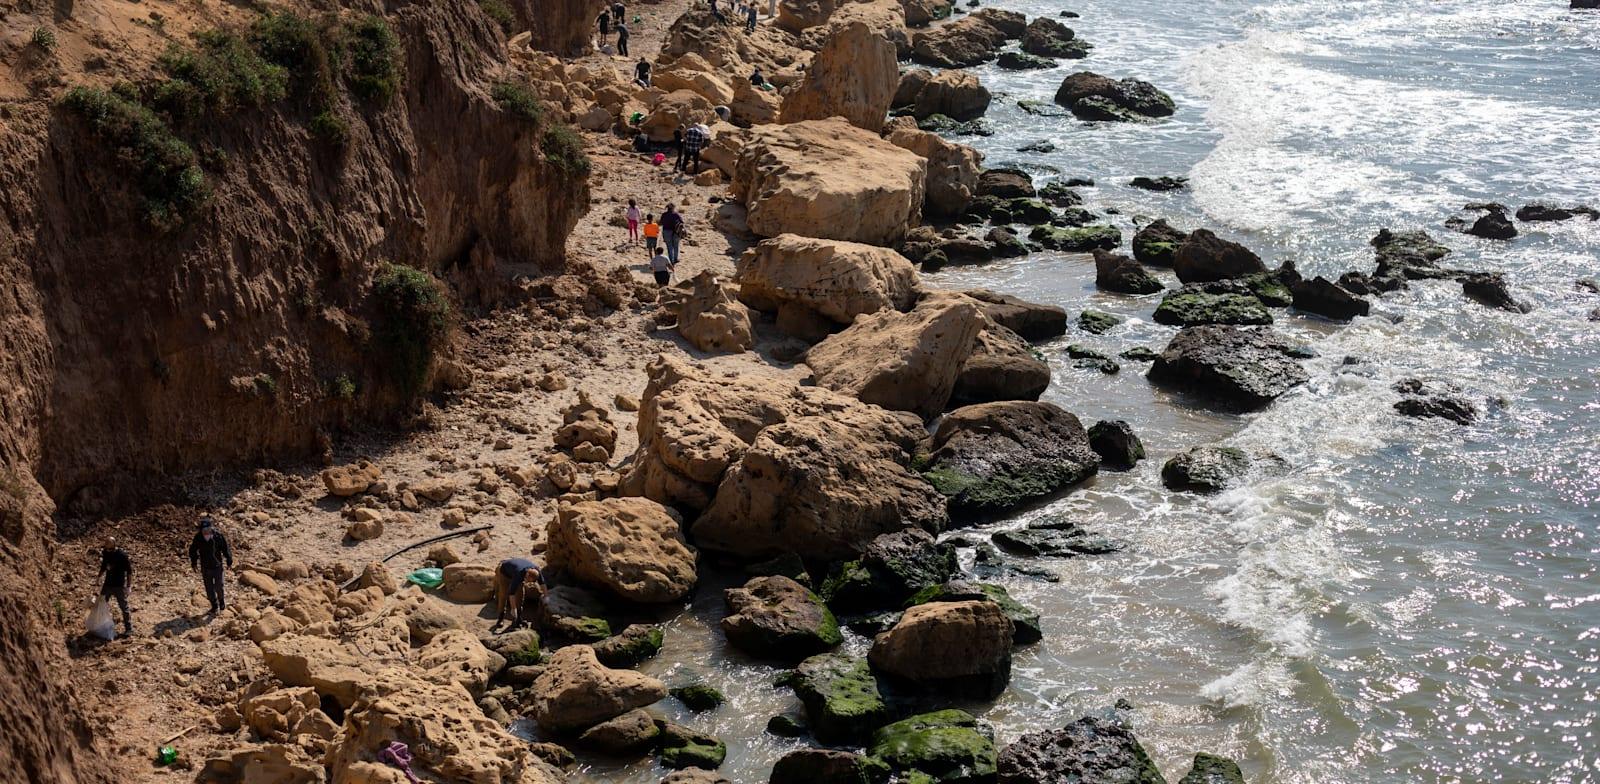 אסון הזפת בשמורת גדור. המדינה אינה מסוגלת לנטר את הנעשה בים / צילום: Associated Press, Ariel Schalit